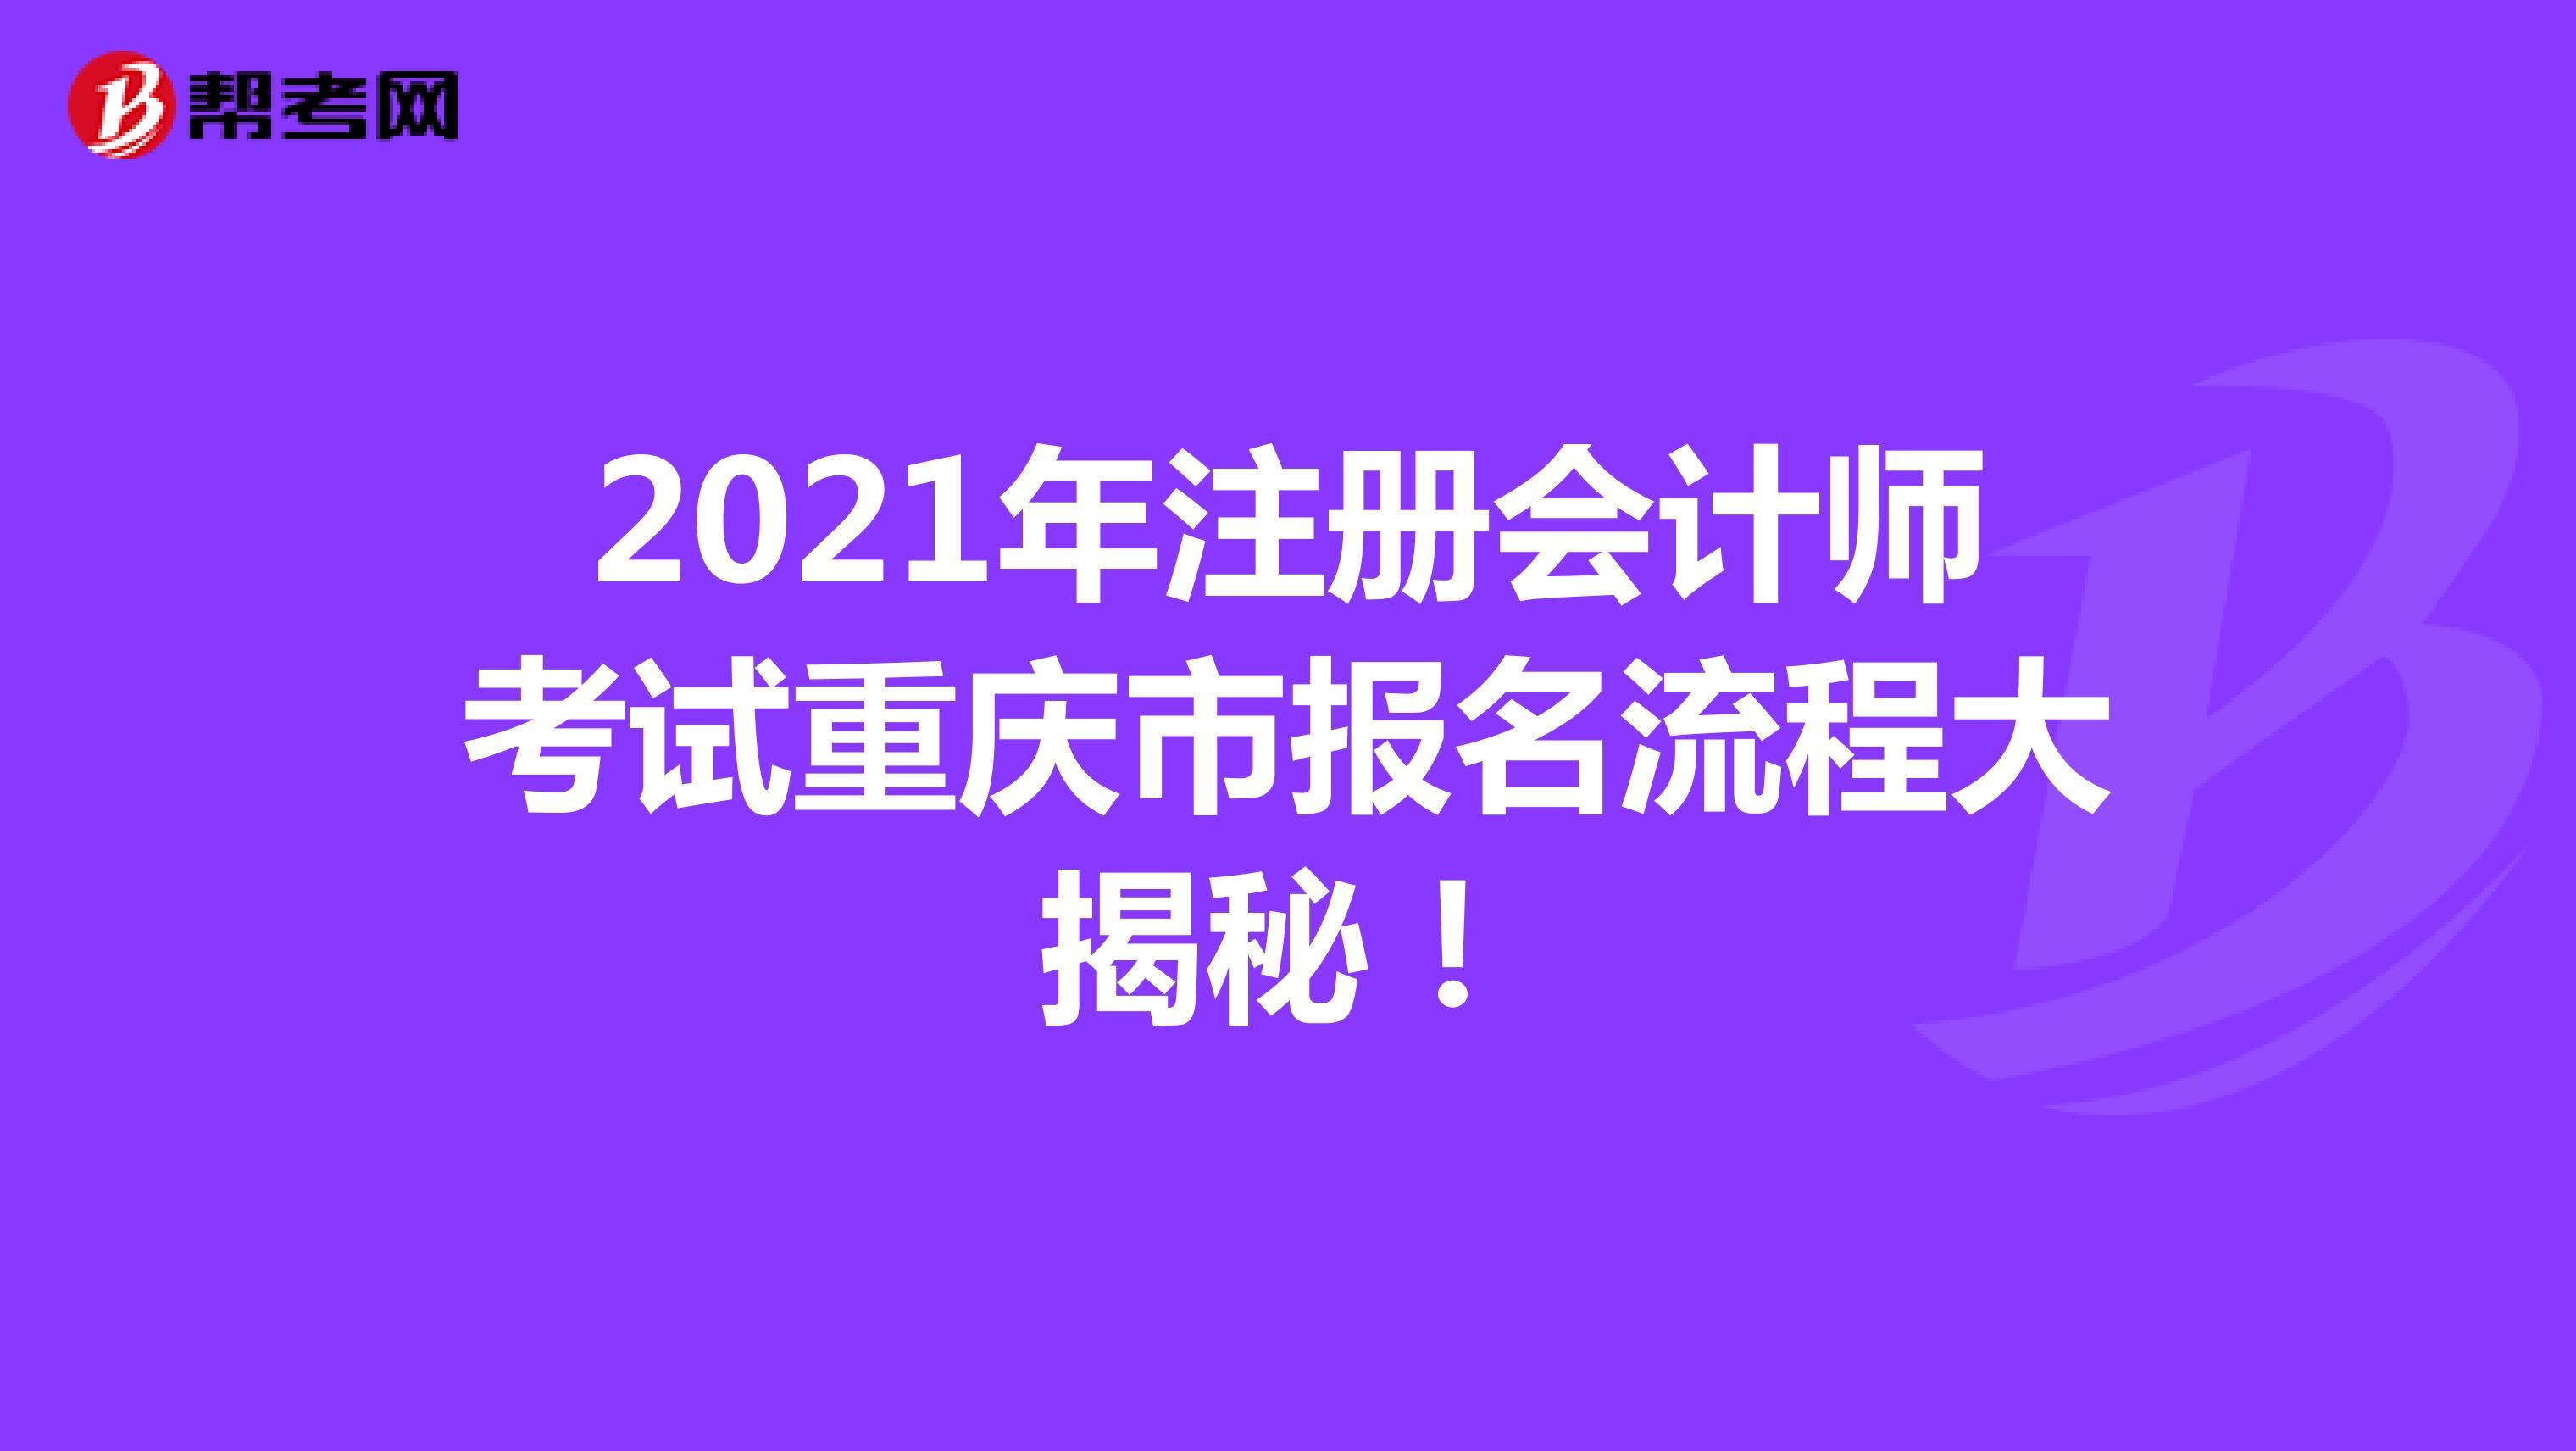 2021年【hot88热竞技提款】注册会计师考试重庆市报名流程大揭秘!